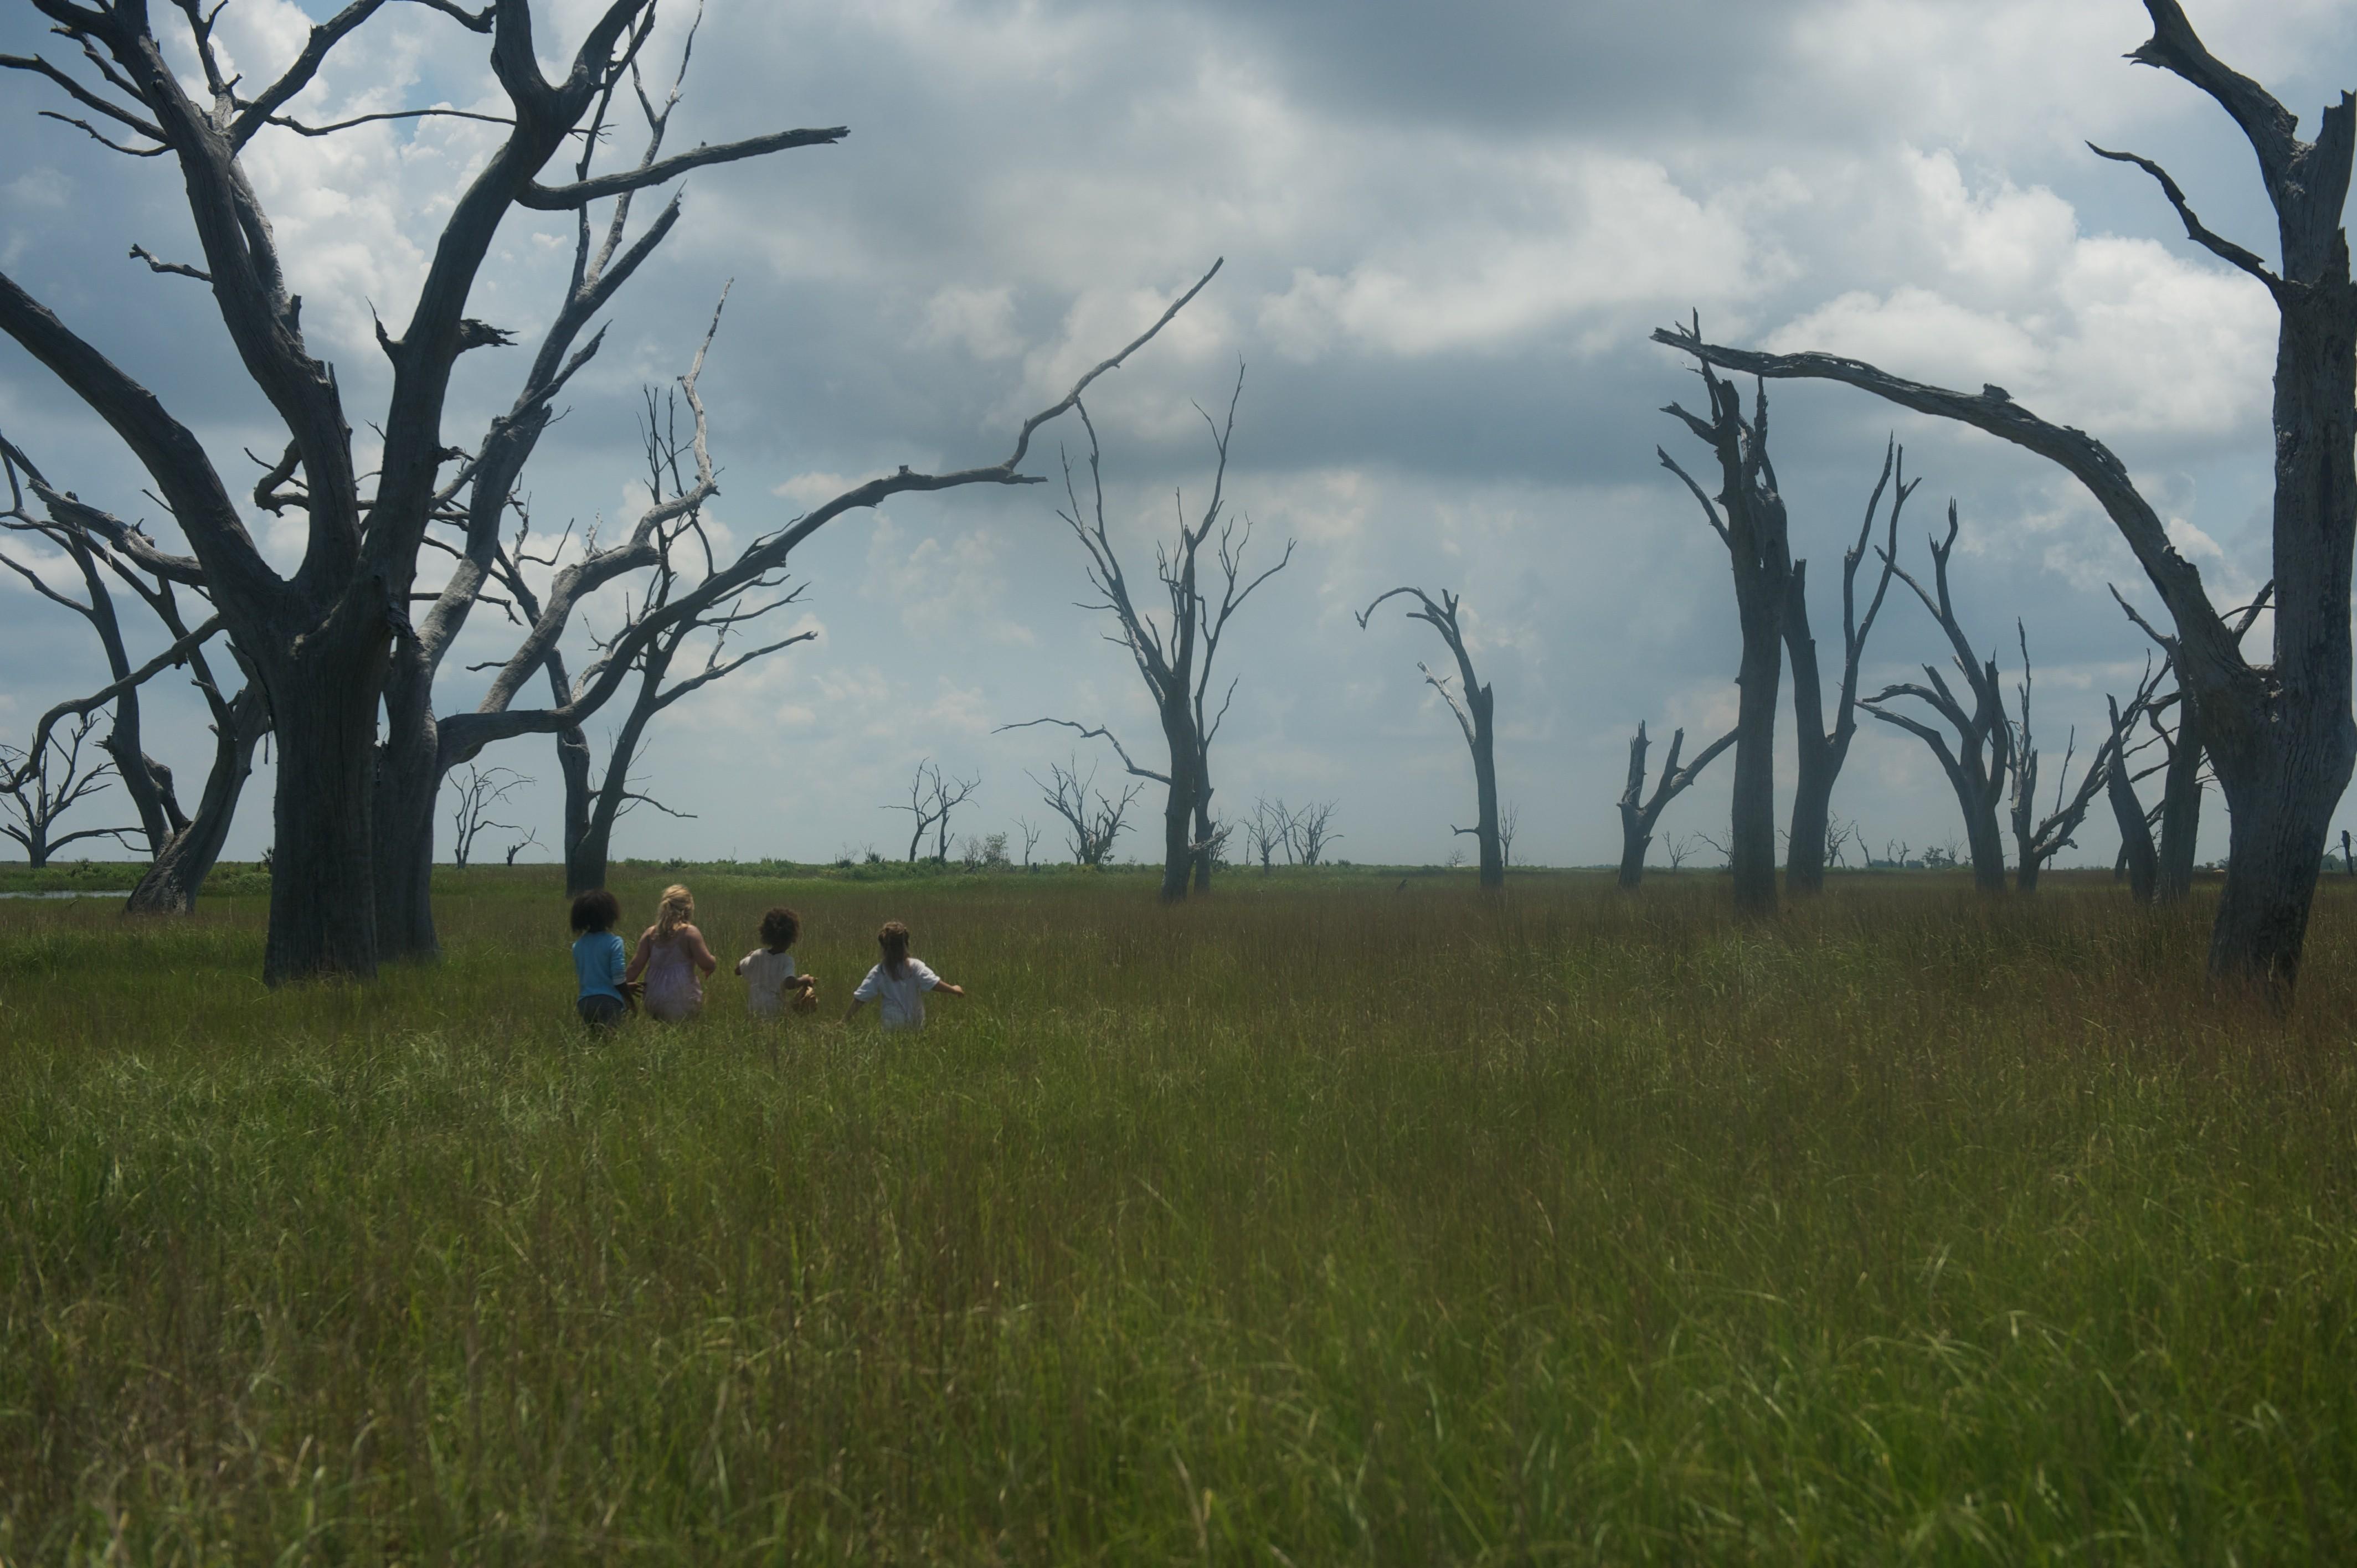 кадры из фильма Звери дикого юга